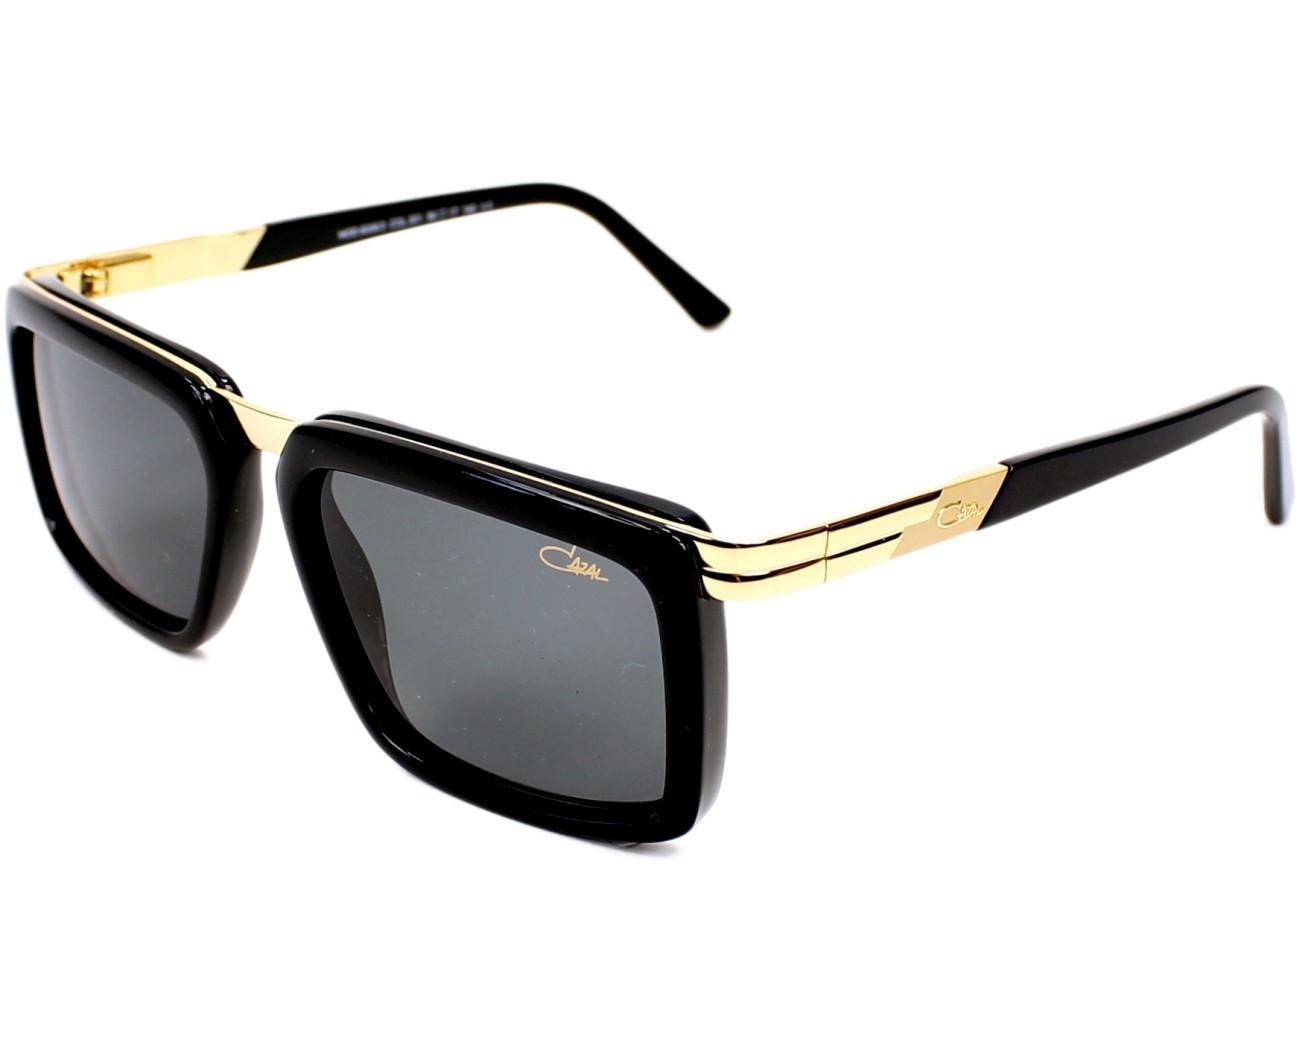 lunettes de soleil cazal 6006 3 001 noir avec des verres gris pour mixte. Black Bedroom Furniture Sets. Home Design Ideas